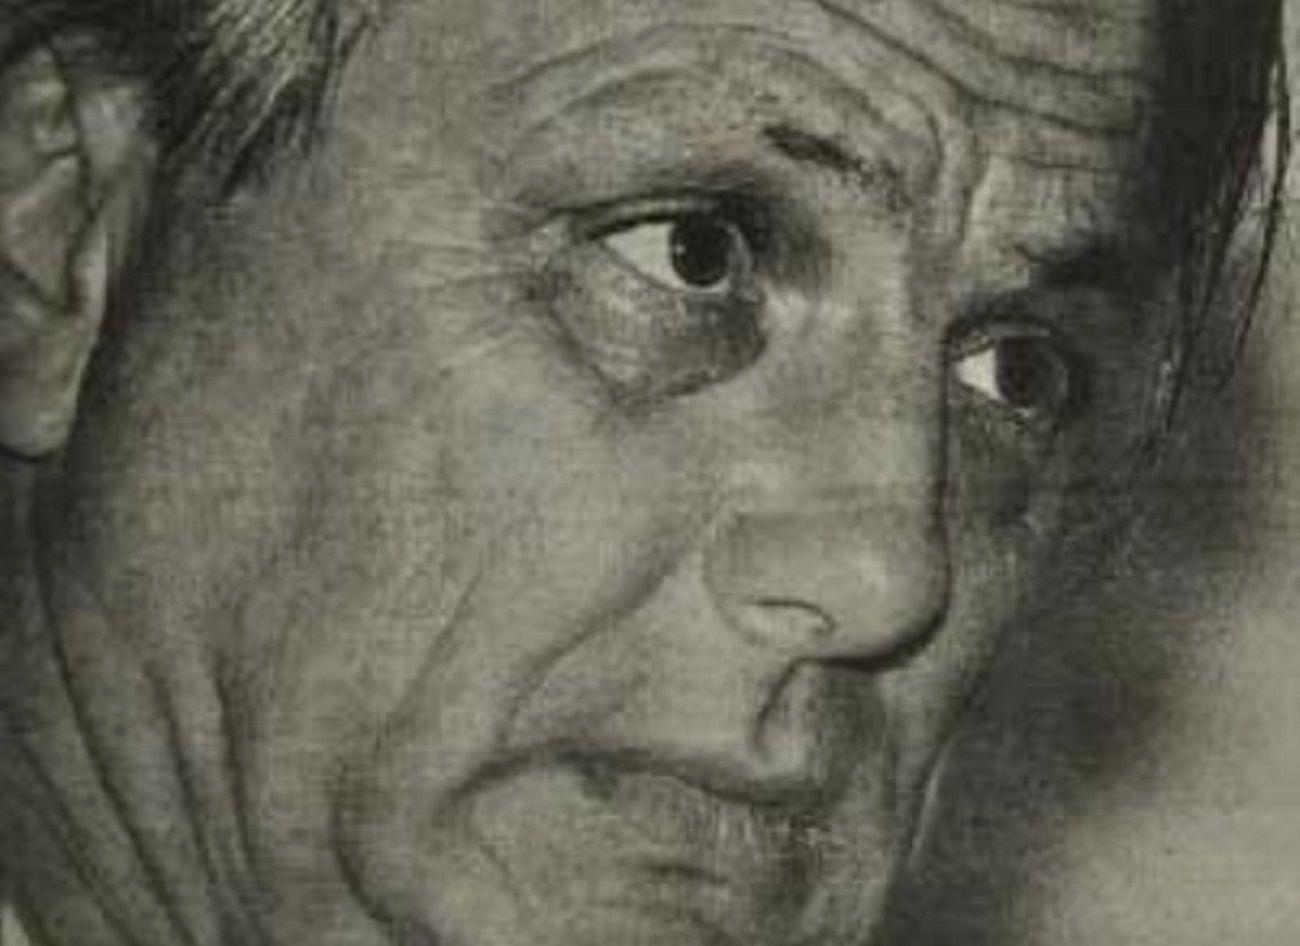 Imputado por su participación en el grupo de tareas que secuestró y desapareció a Rodolfo Walsh en 1977. También participó de los vuelos de la muerte.